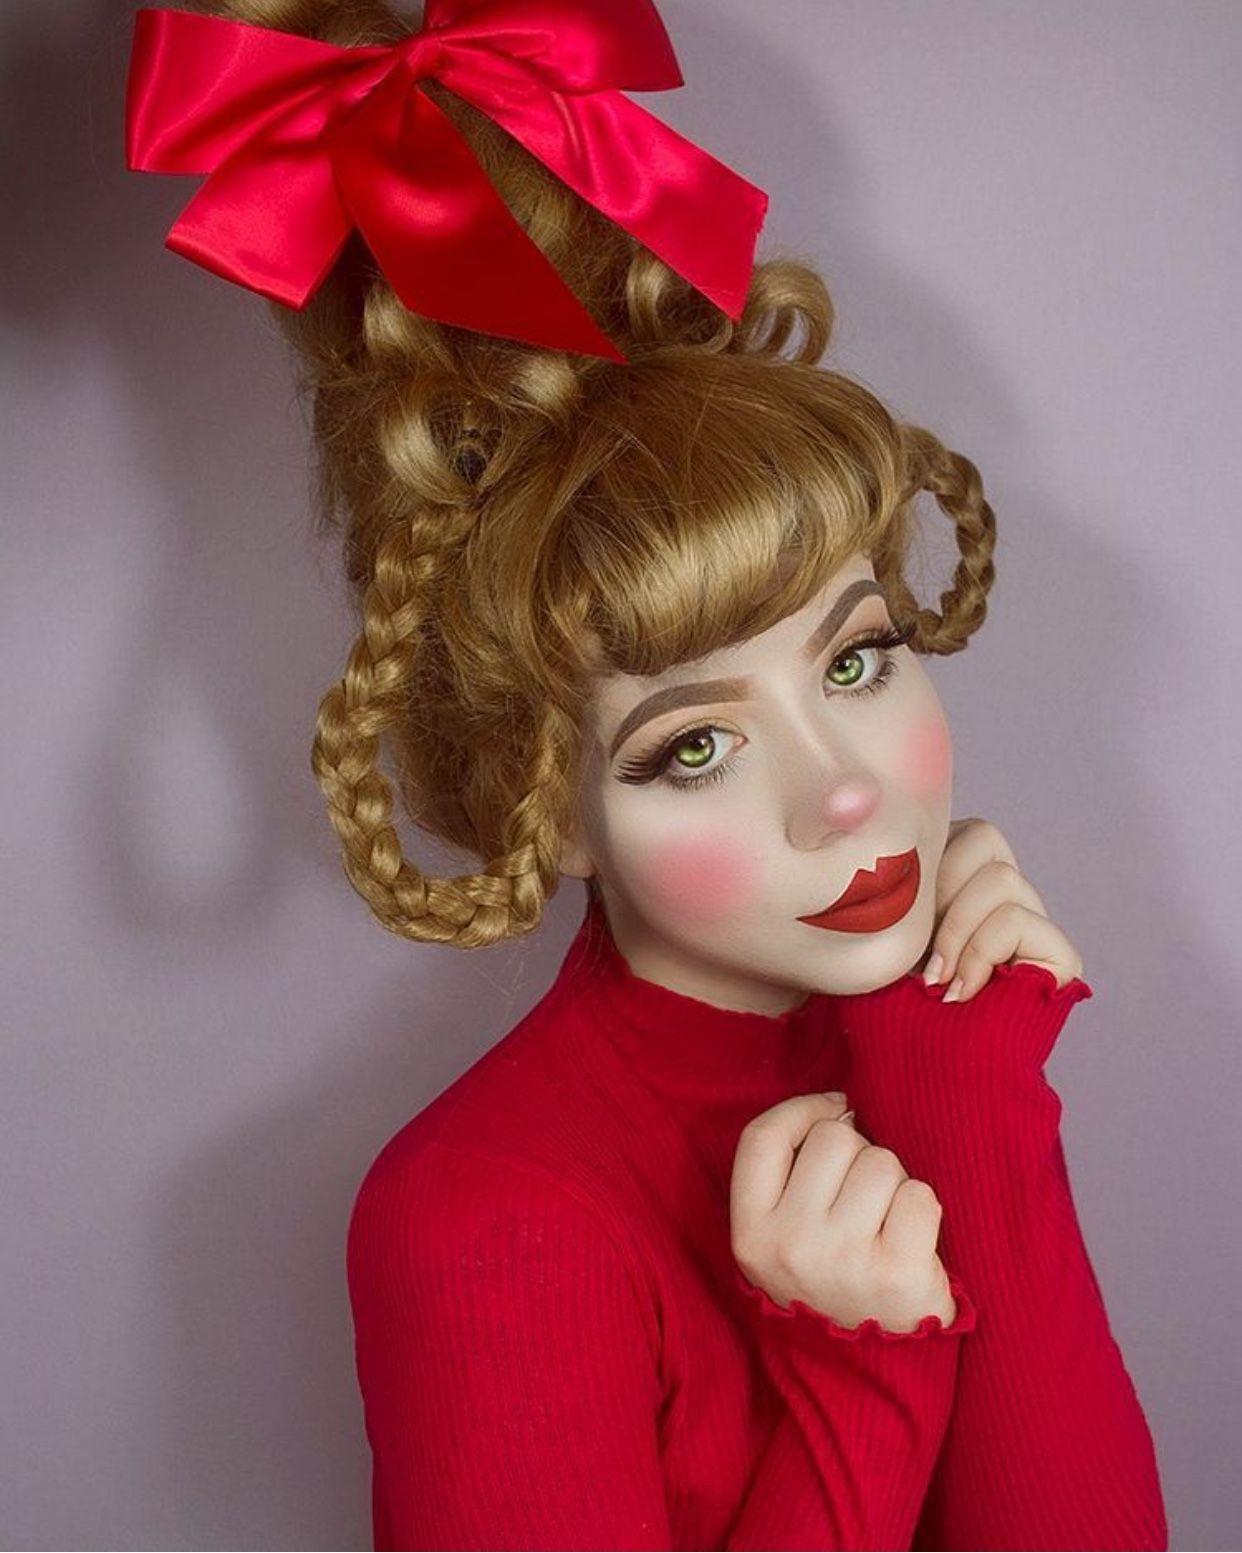 CINDY LOU WHO ️@twiggybraindead #ChristmasMakeup| Be ...